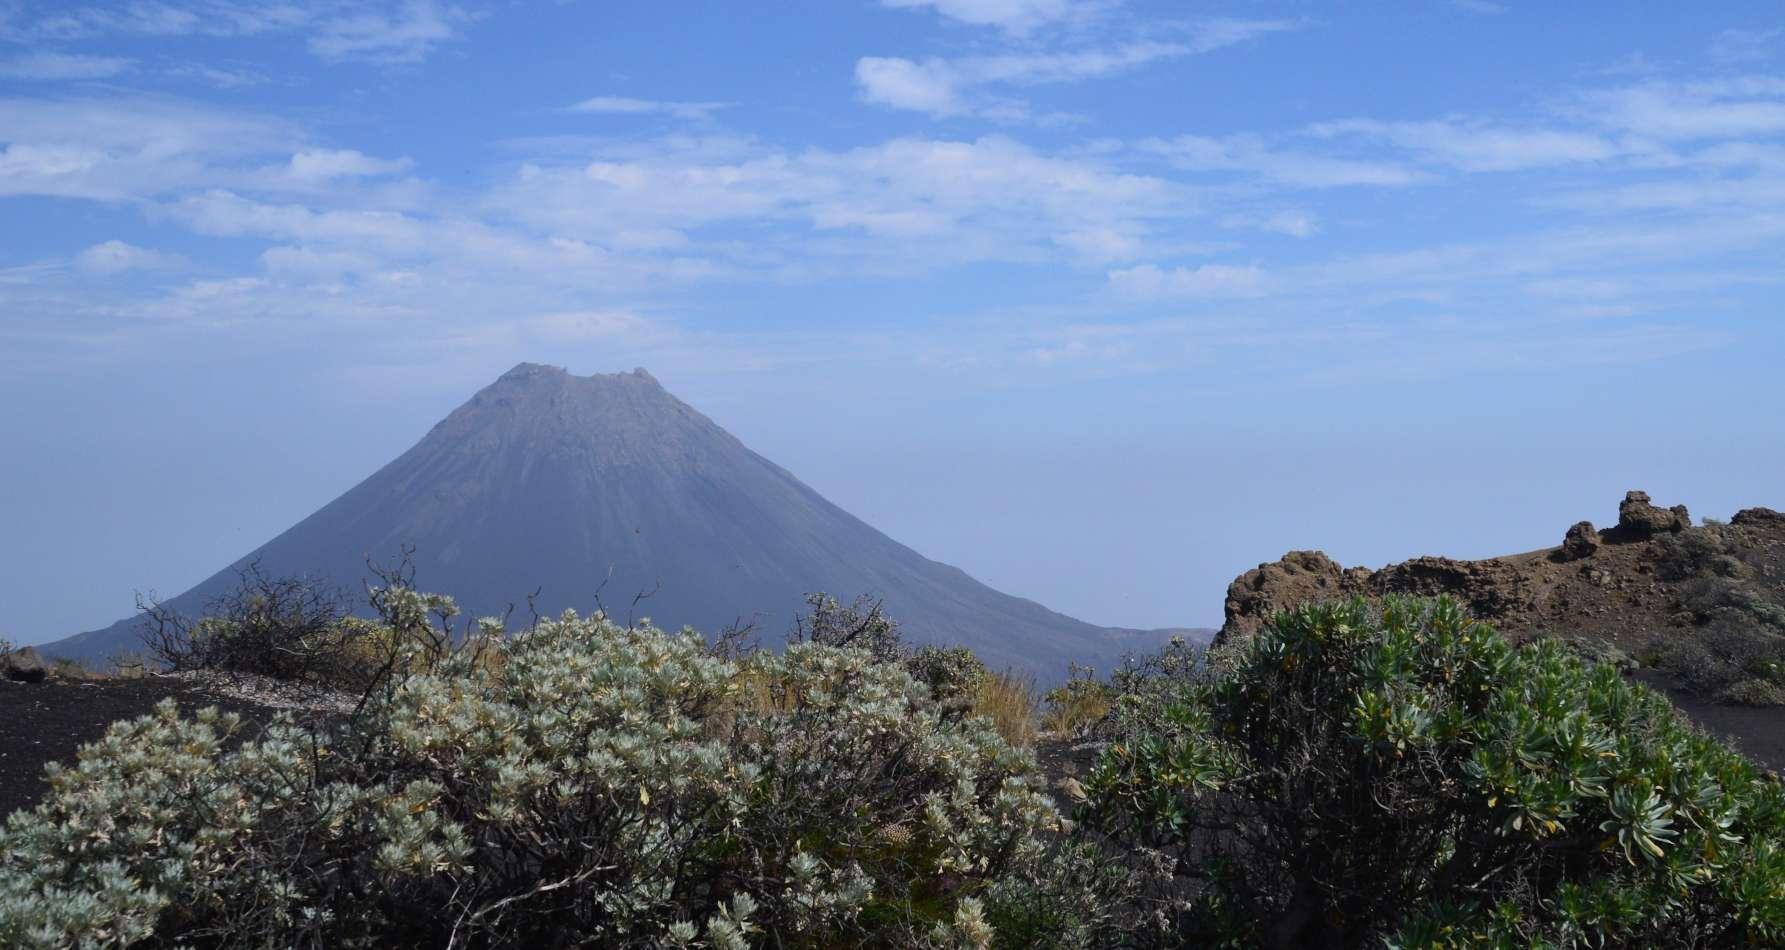 Volcán Pico do Fogo, el punto más alto de Cabo Verde.